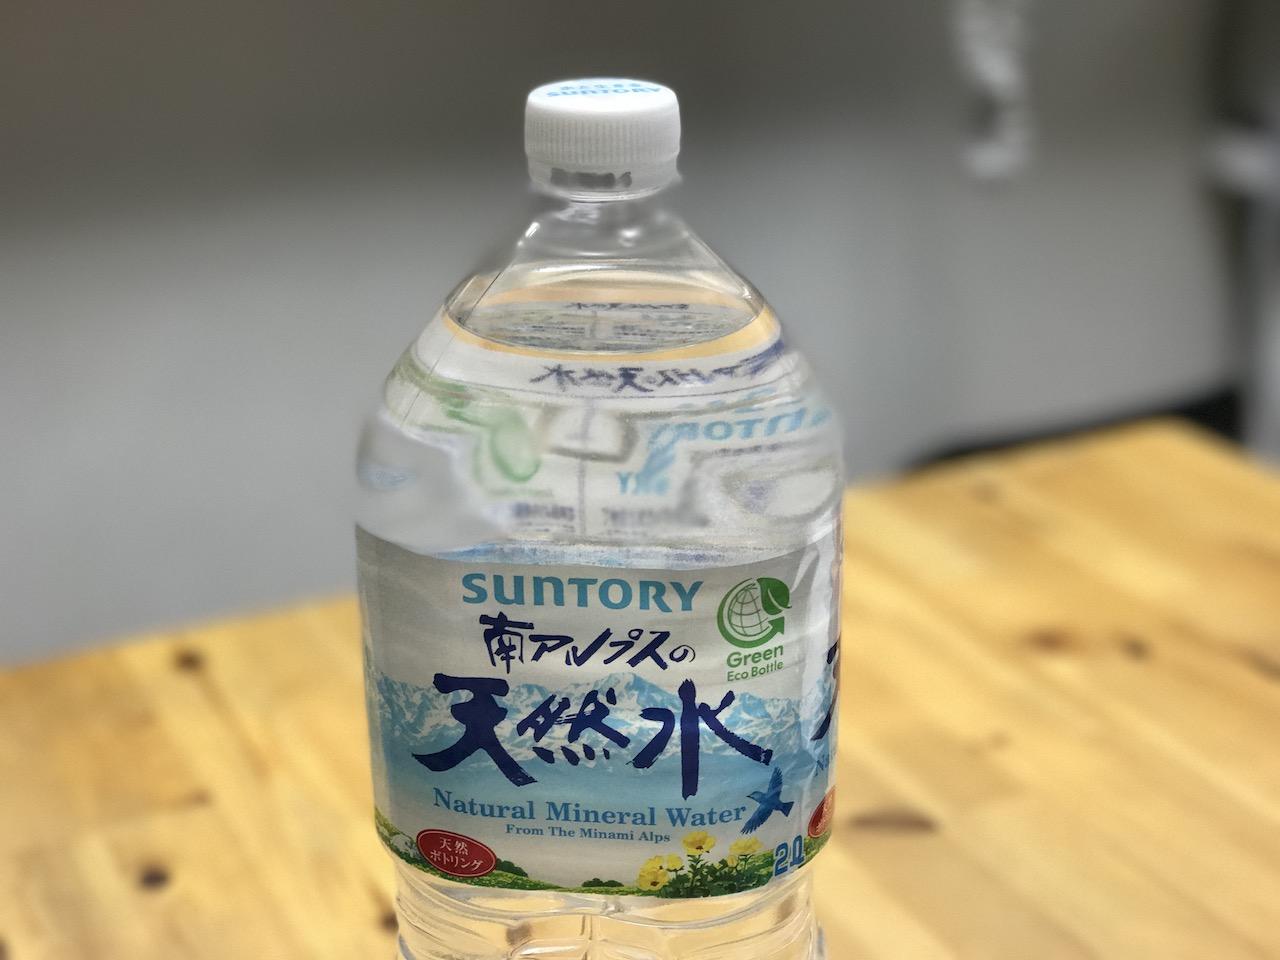 海外でよく体調を崩していた僕がおすすめする簡単な対策。日本のお水を持参して1日1リットル飲むと良い!